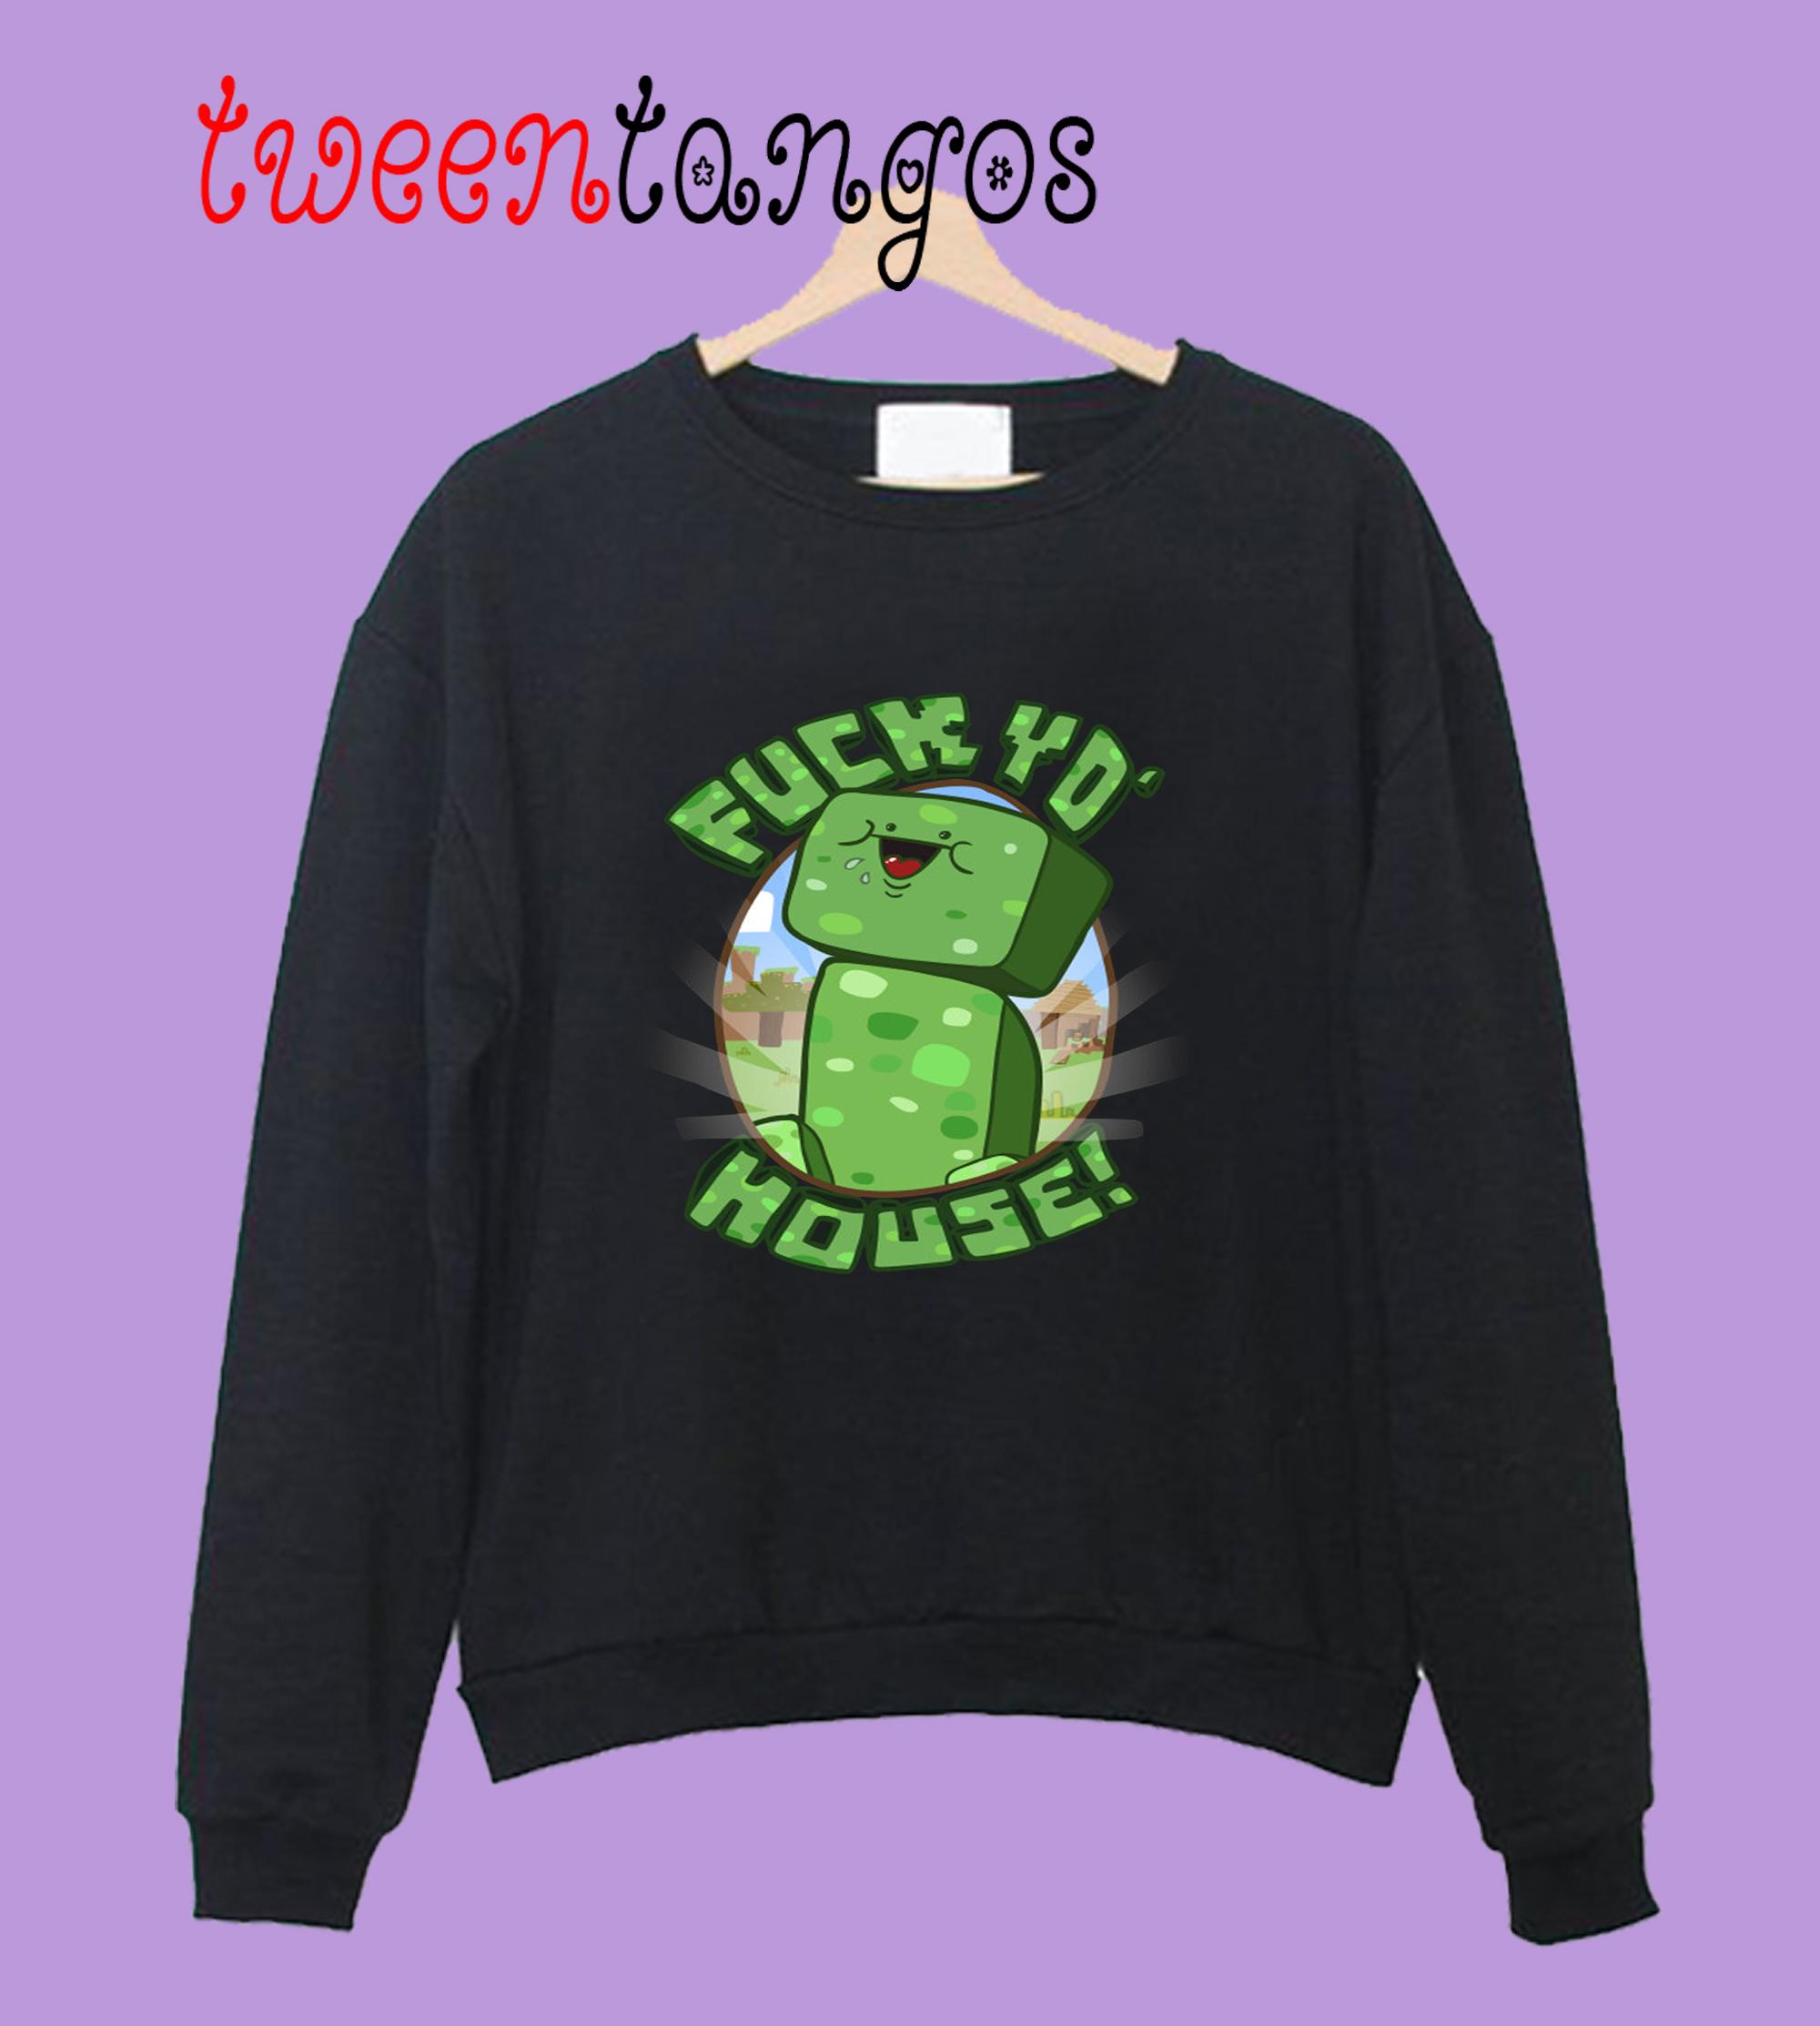 #!@$! yo' house! (Uncensored) Sweetshirt